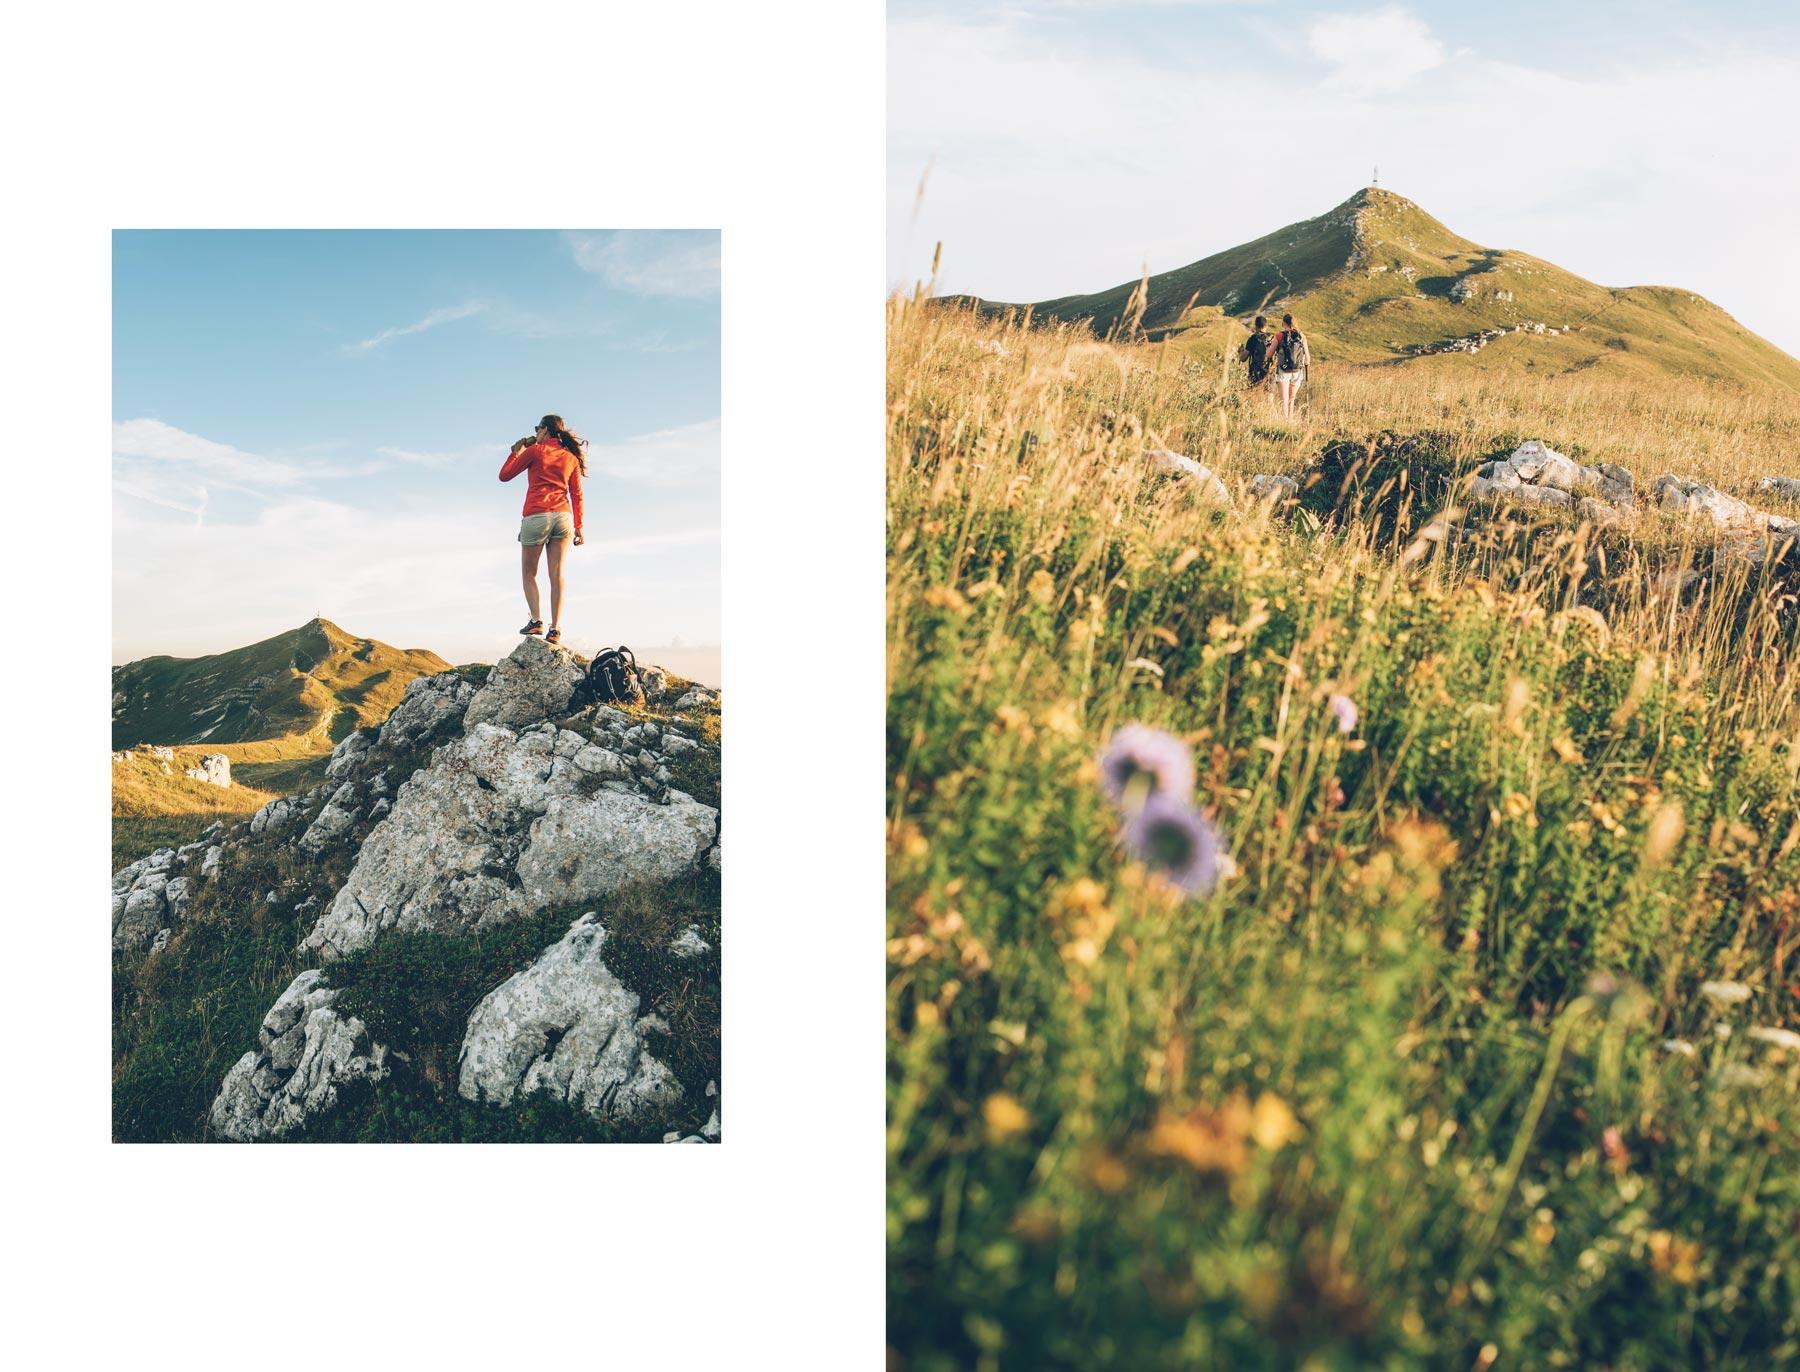 Randonnée Montagnes du Jura